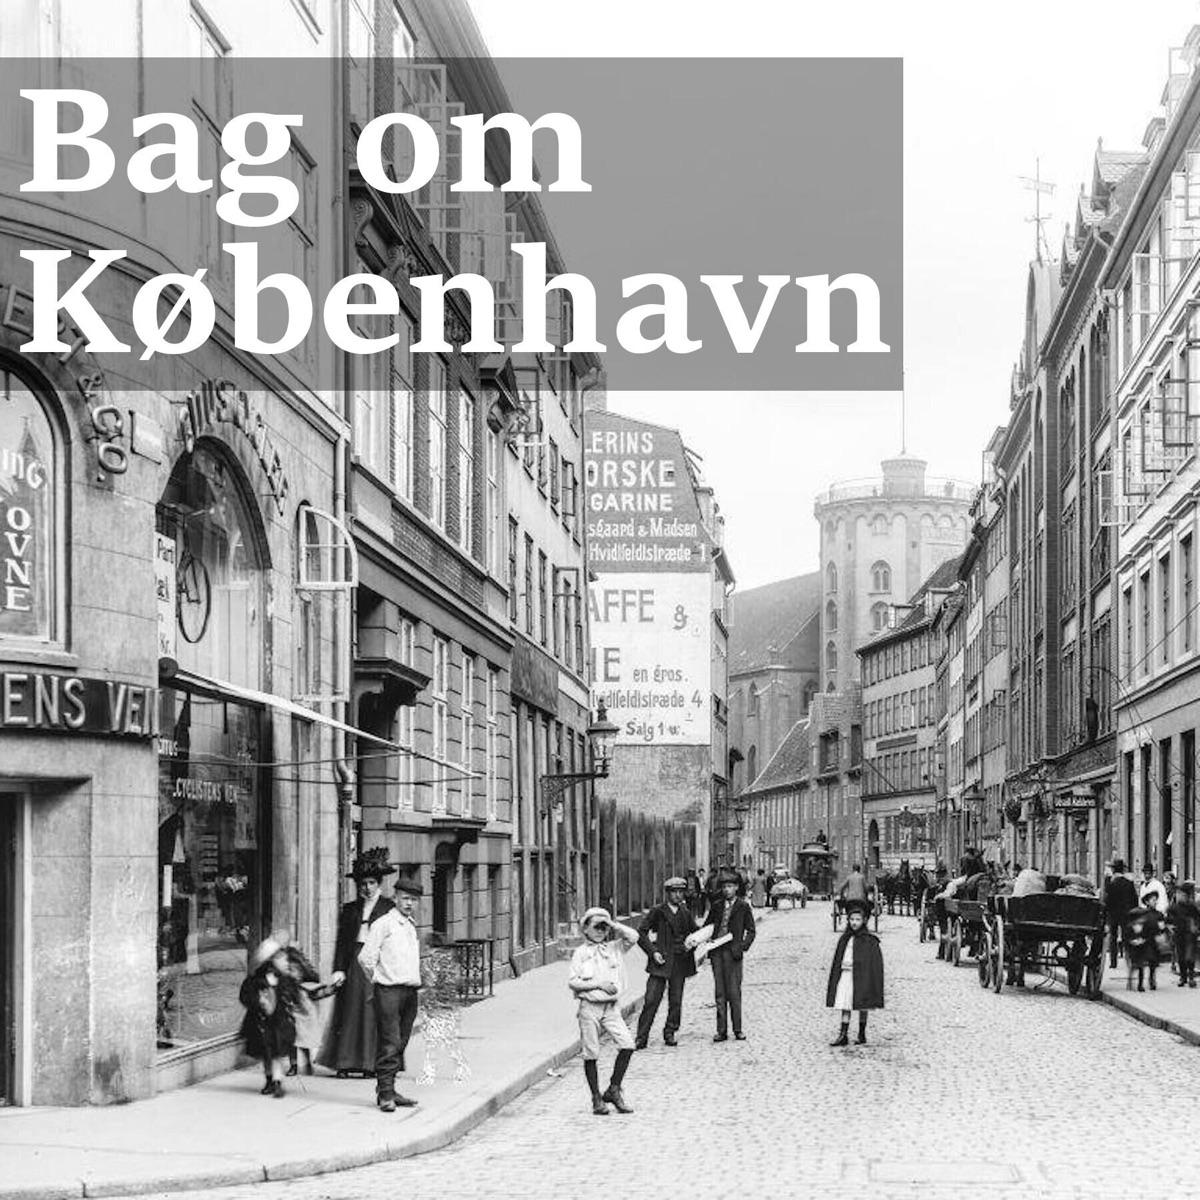 Bag om København